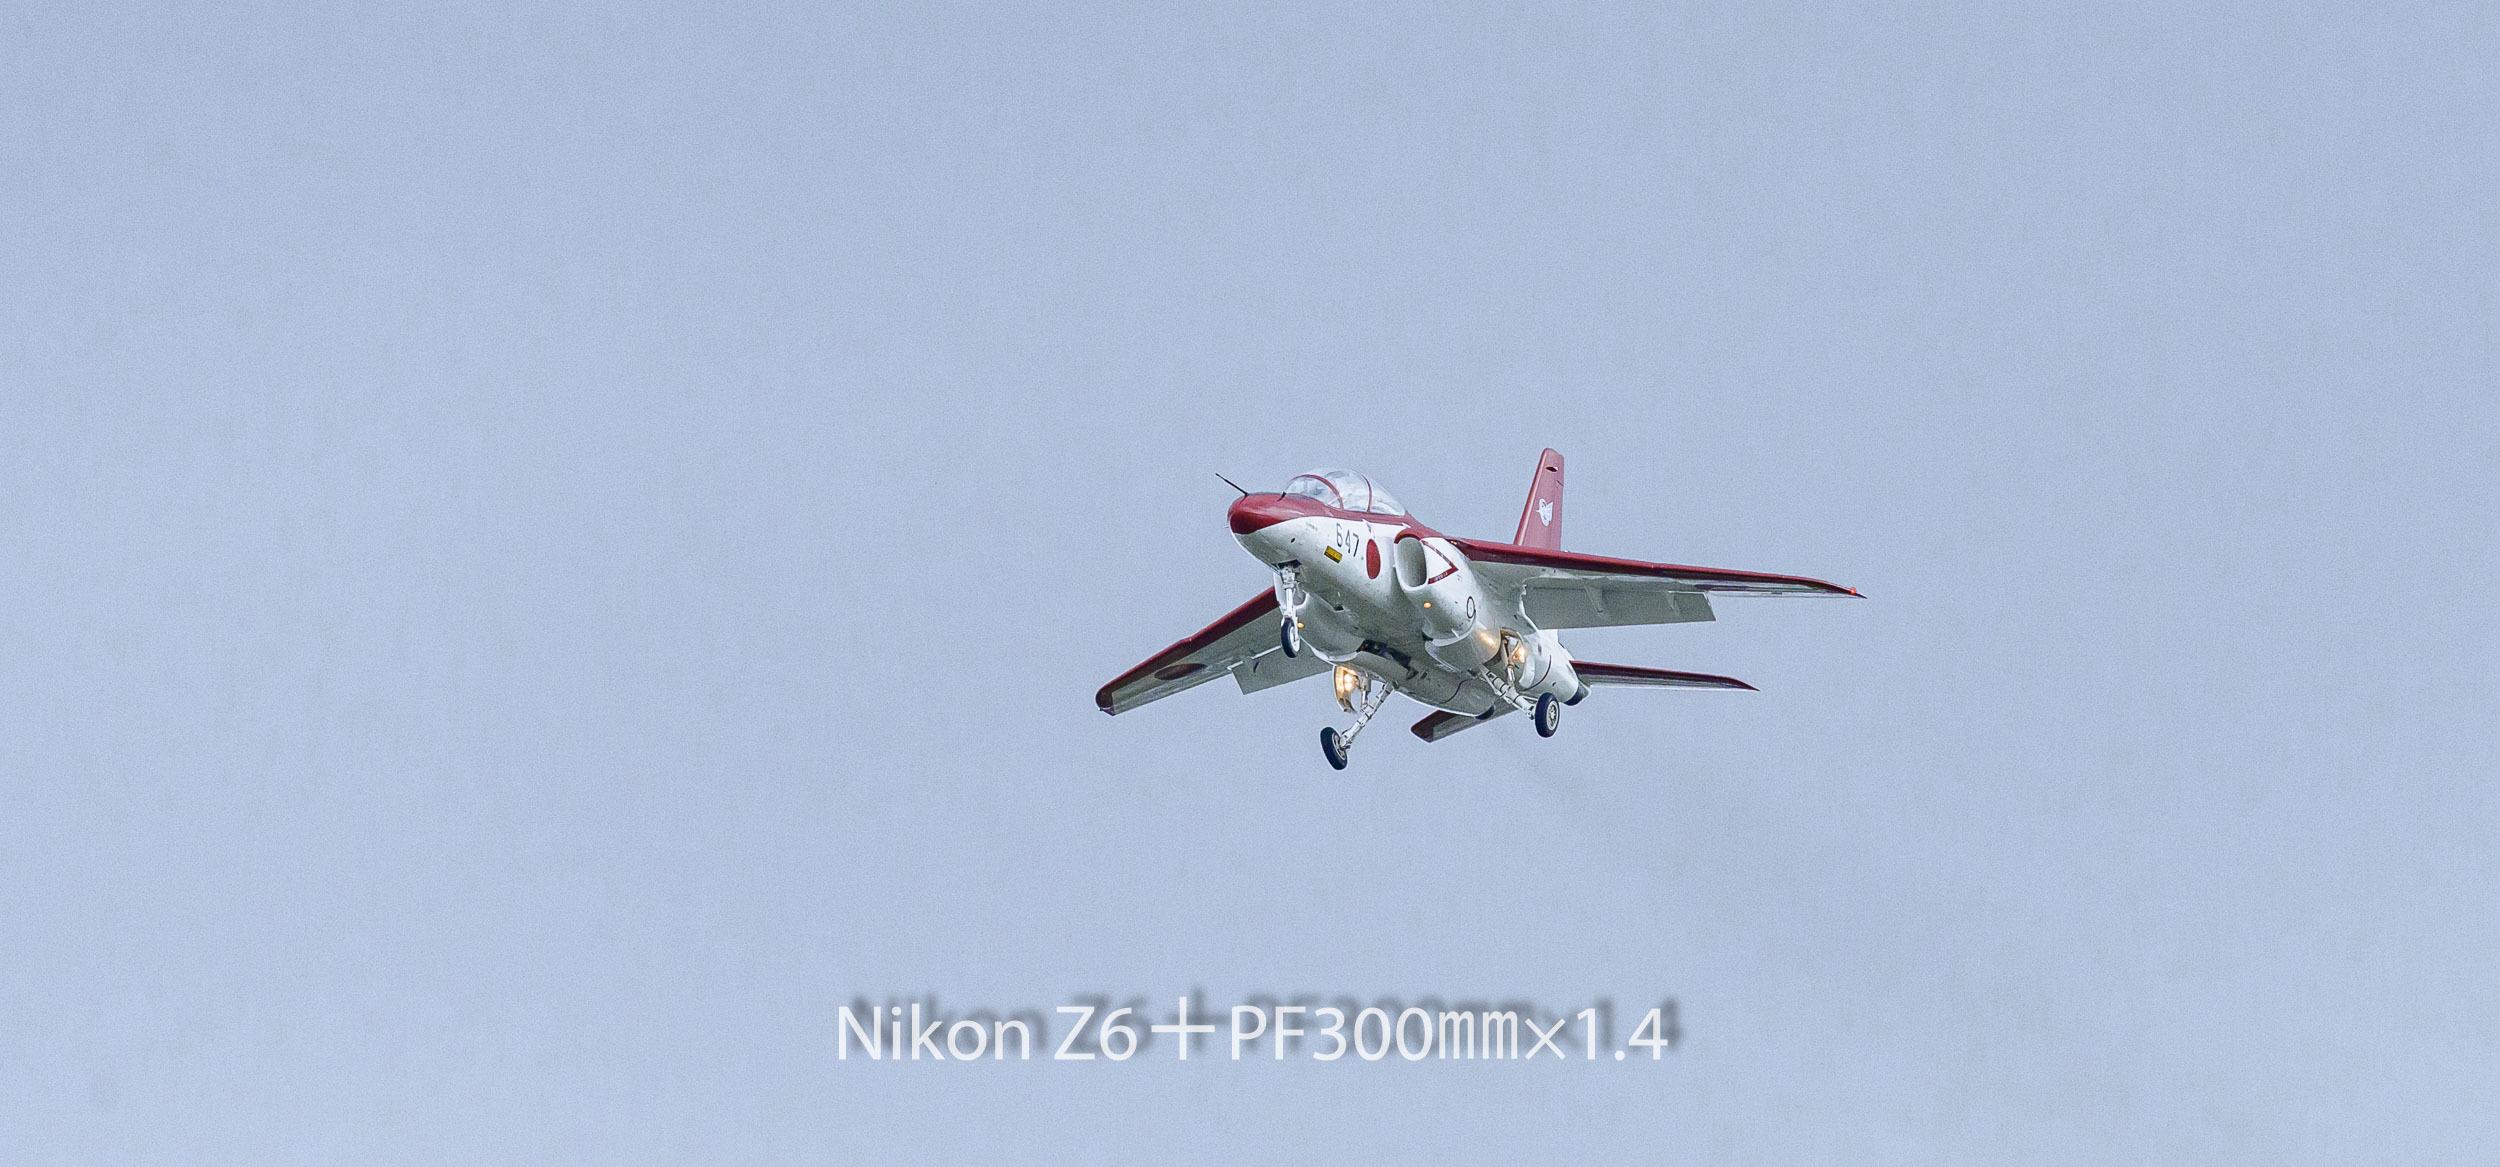 191008 ジェット練習機-26 NIKON Z 6 ISO 1800 420 mm 4367 x 2038